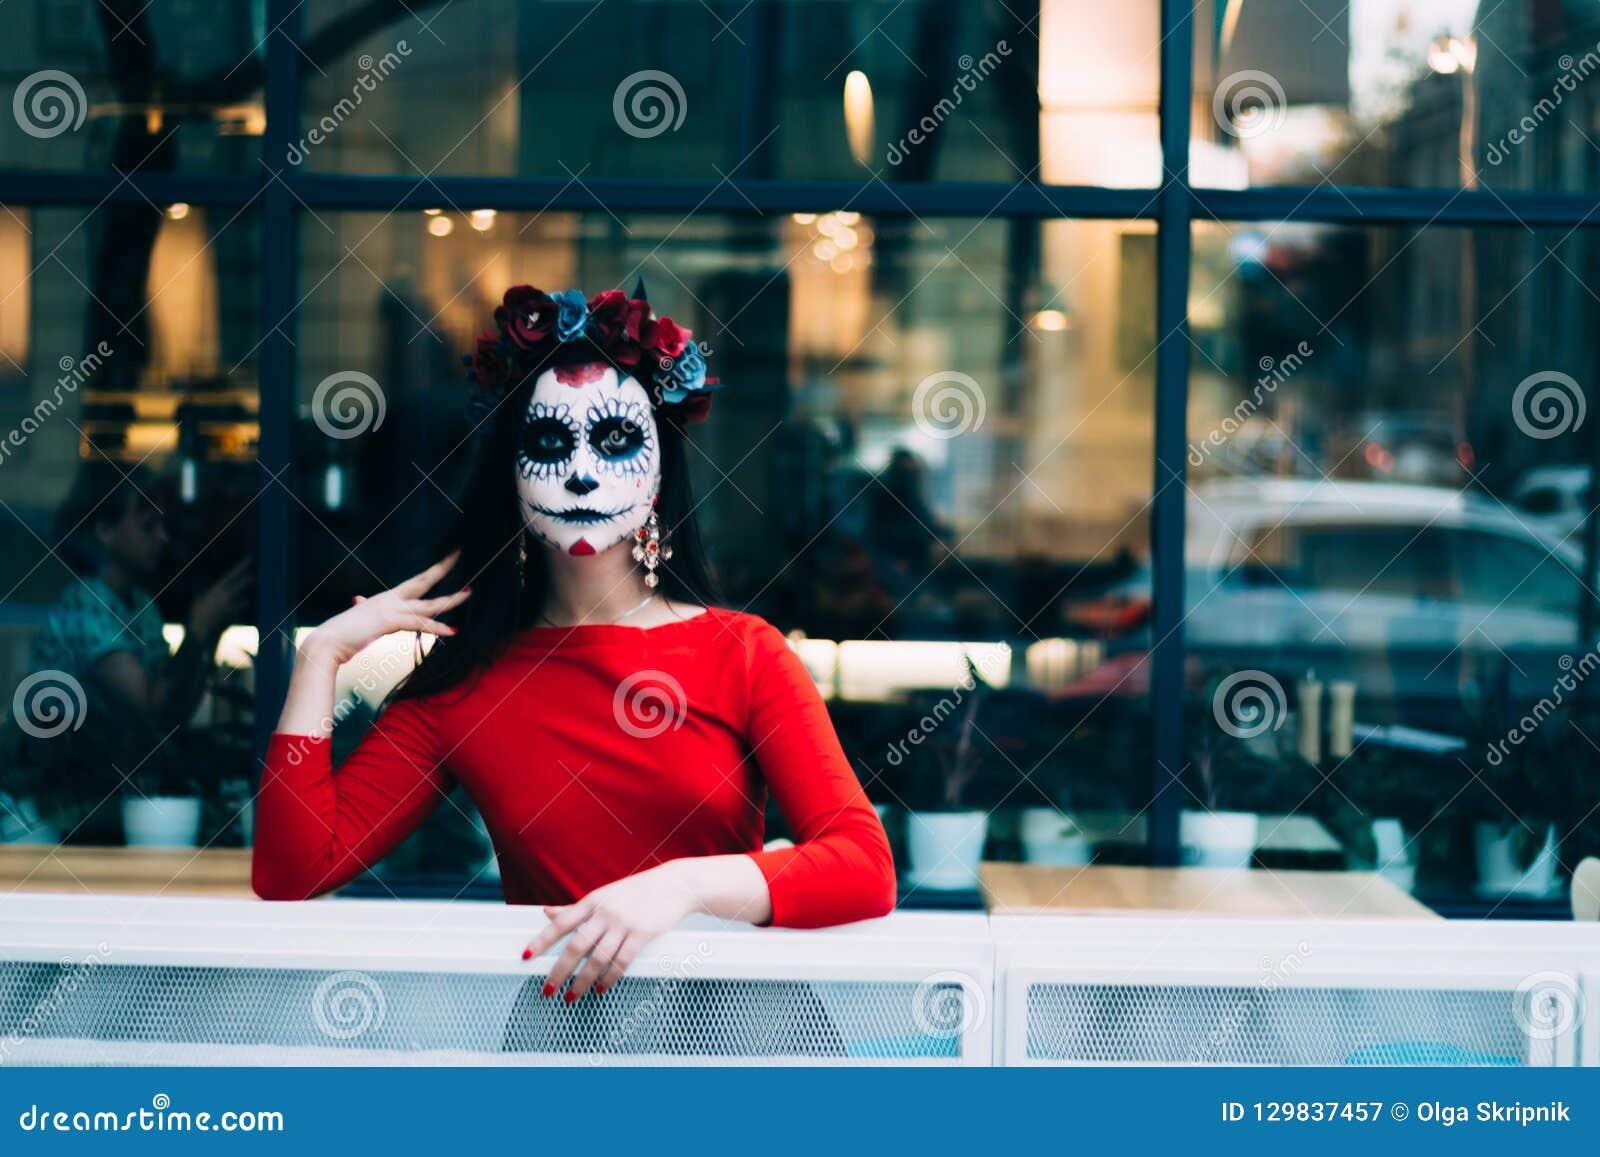 Ένα άτομο με ένα χρωματισμένο πρόσωπο ενός σκελετού, ένα νεκρό zombie, στην πόλη κατά τη διάρκεια της ημέρας ημέρα όλων των ψυχών